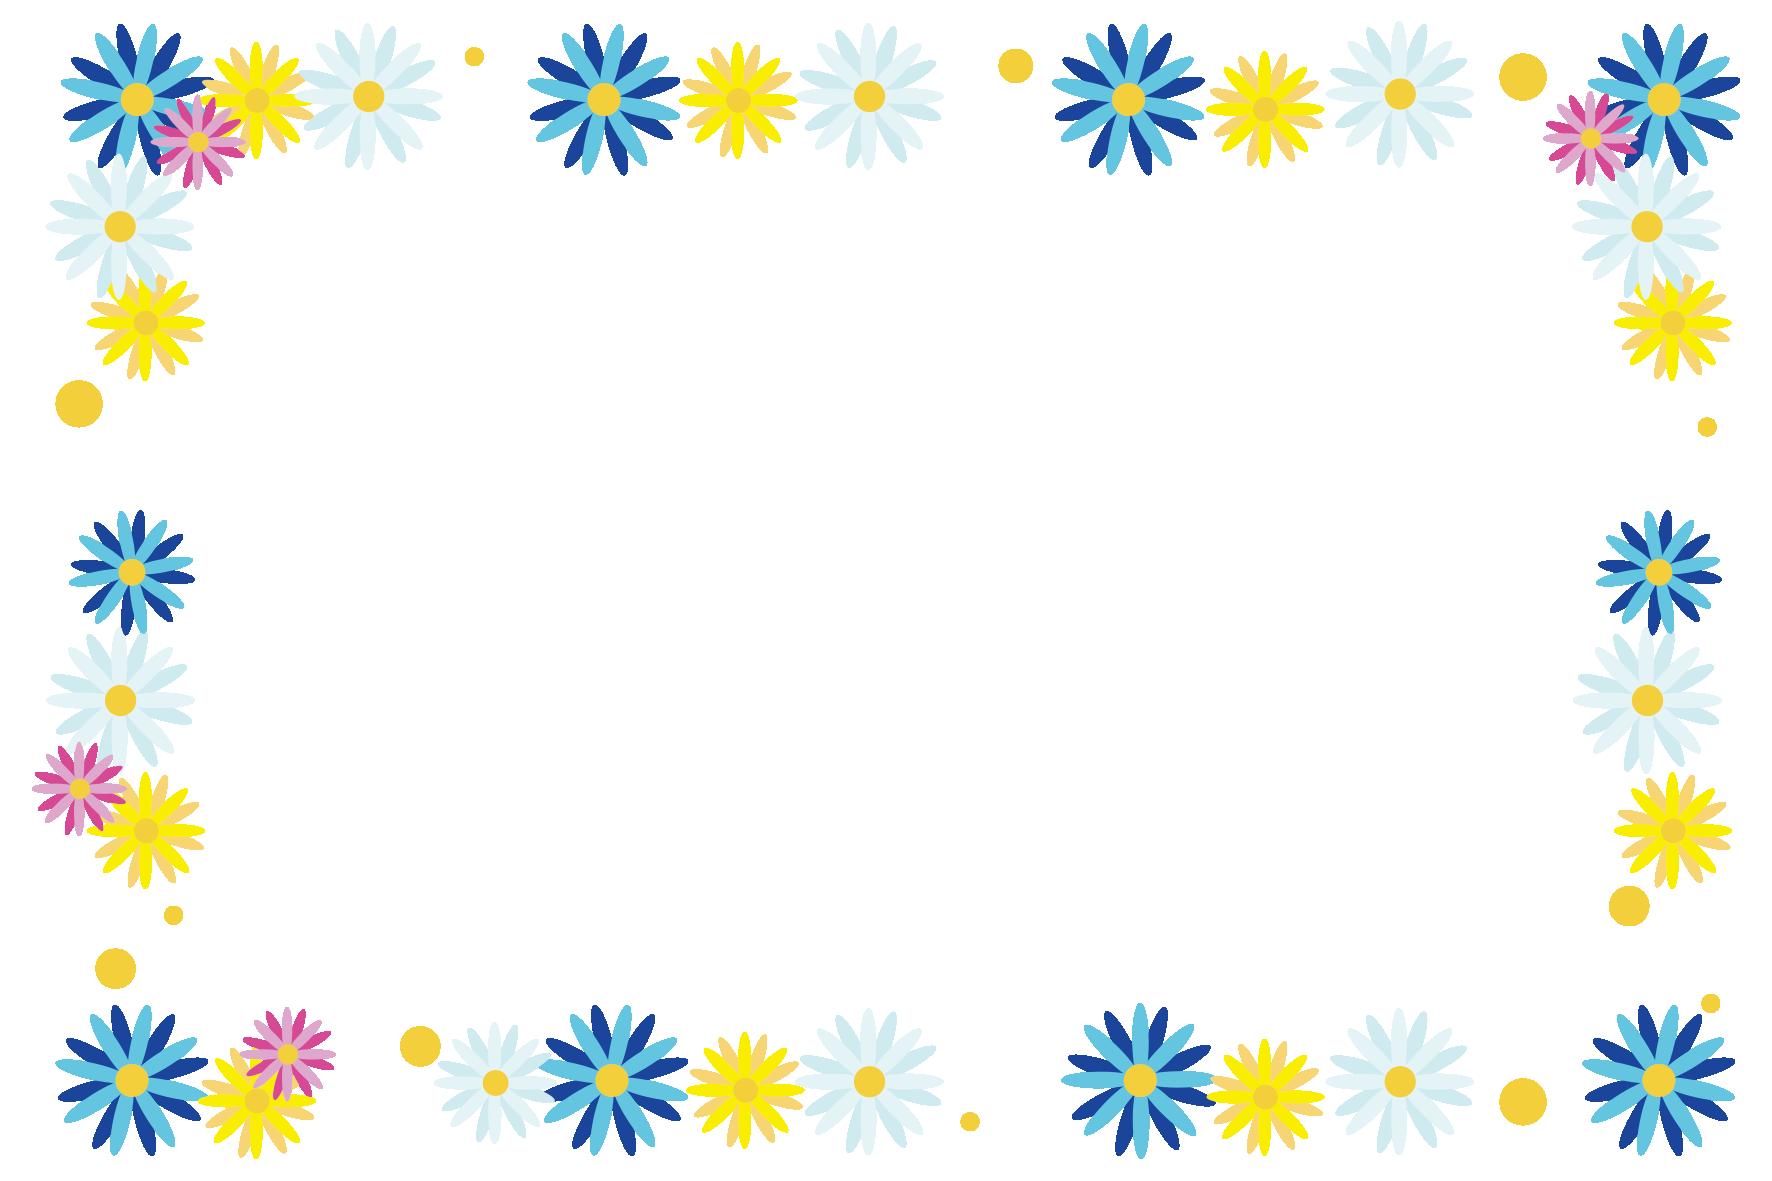 カラフルな花フレーム(青)」 - 無料イラスト愛